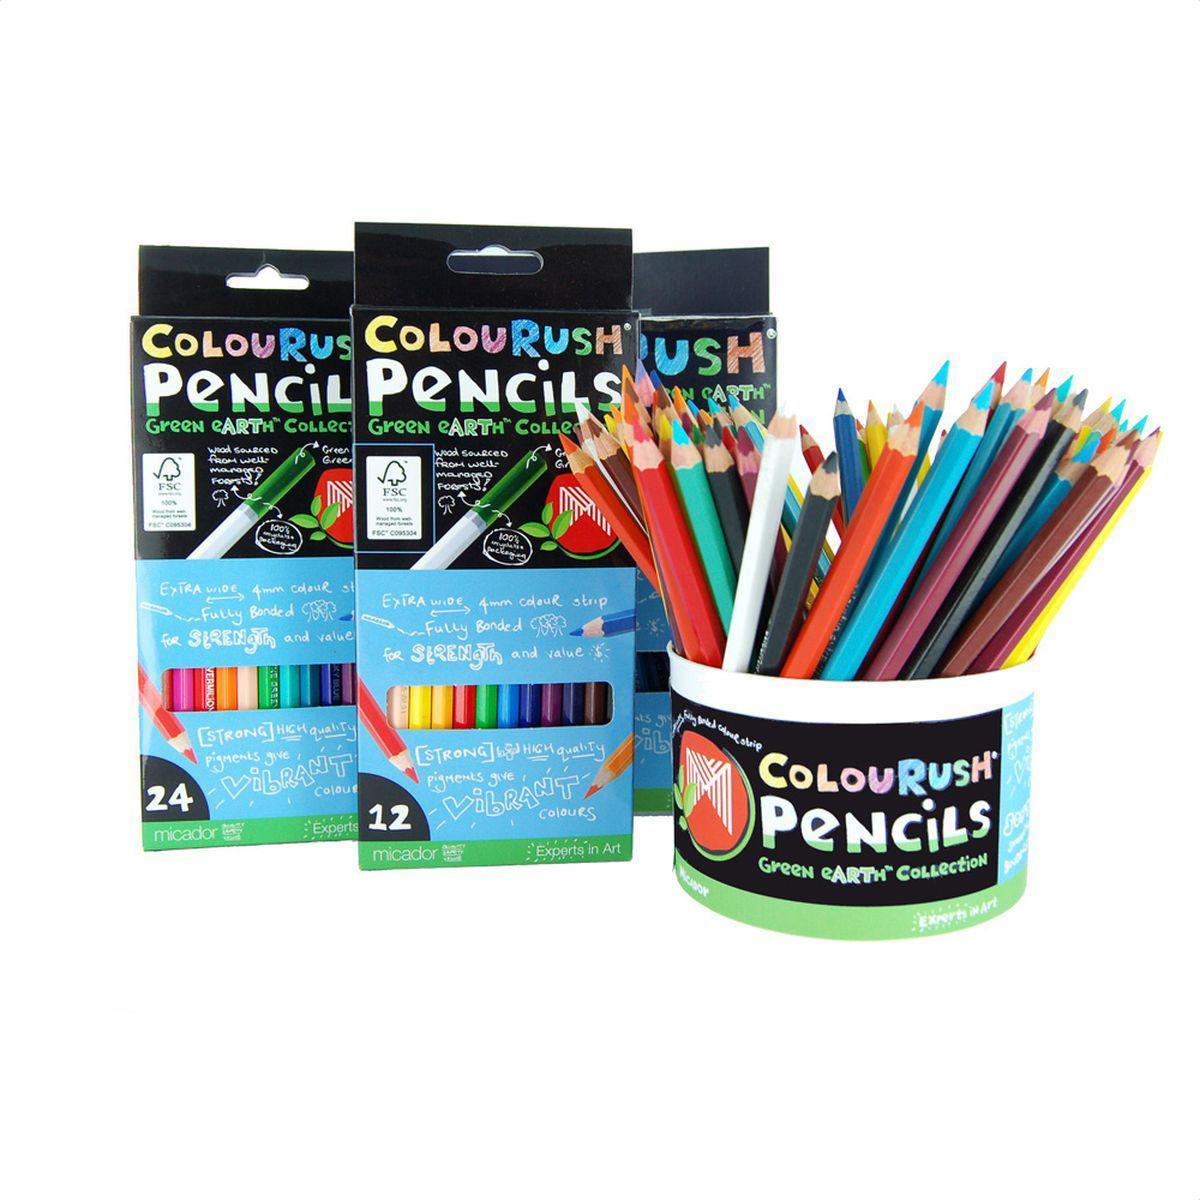 Micador Цветные эко-карандаши 24 цветаFPLMP24Цветные эко-карандаши Micador не оставят равнодушным ни одного ребенка. Многообразие ярких и насыщенных цветов, есть даже золотой, серебряный и телесный цвета! Благодаря высокому качеству древесной оболочки, обеспечивается ровное и гладкое затачивание что исключает покупать все новые и новые карандаши.Грифель имеет больший диаметр (4 мм), чем обычно, что позволит не так часто затачивать карандаши, а также позволяет намного быстрее и без дополнительных усилий разукрашивать большие рисунки.Карандаши не крошатся при рисовании, не трескаются при падении, легко затачиваются. Не содержат токсических веществ, полностью безопасны для маленьких детей.Изготовлены с использованием солнечной энергии, полностью перерабатываемая упаковка. Сделаны с любовью к природе и детству! Рисование развивает творческие способности, воображение, логику, память, мышление. Пусть мир вашего ребенка будет ярким и безопасным! Австралийский бренд Micador - эксперт в товарах для детского творчества с 1954 года.